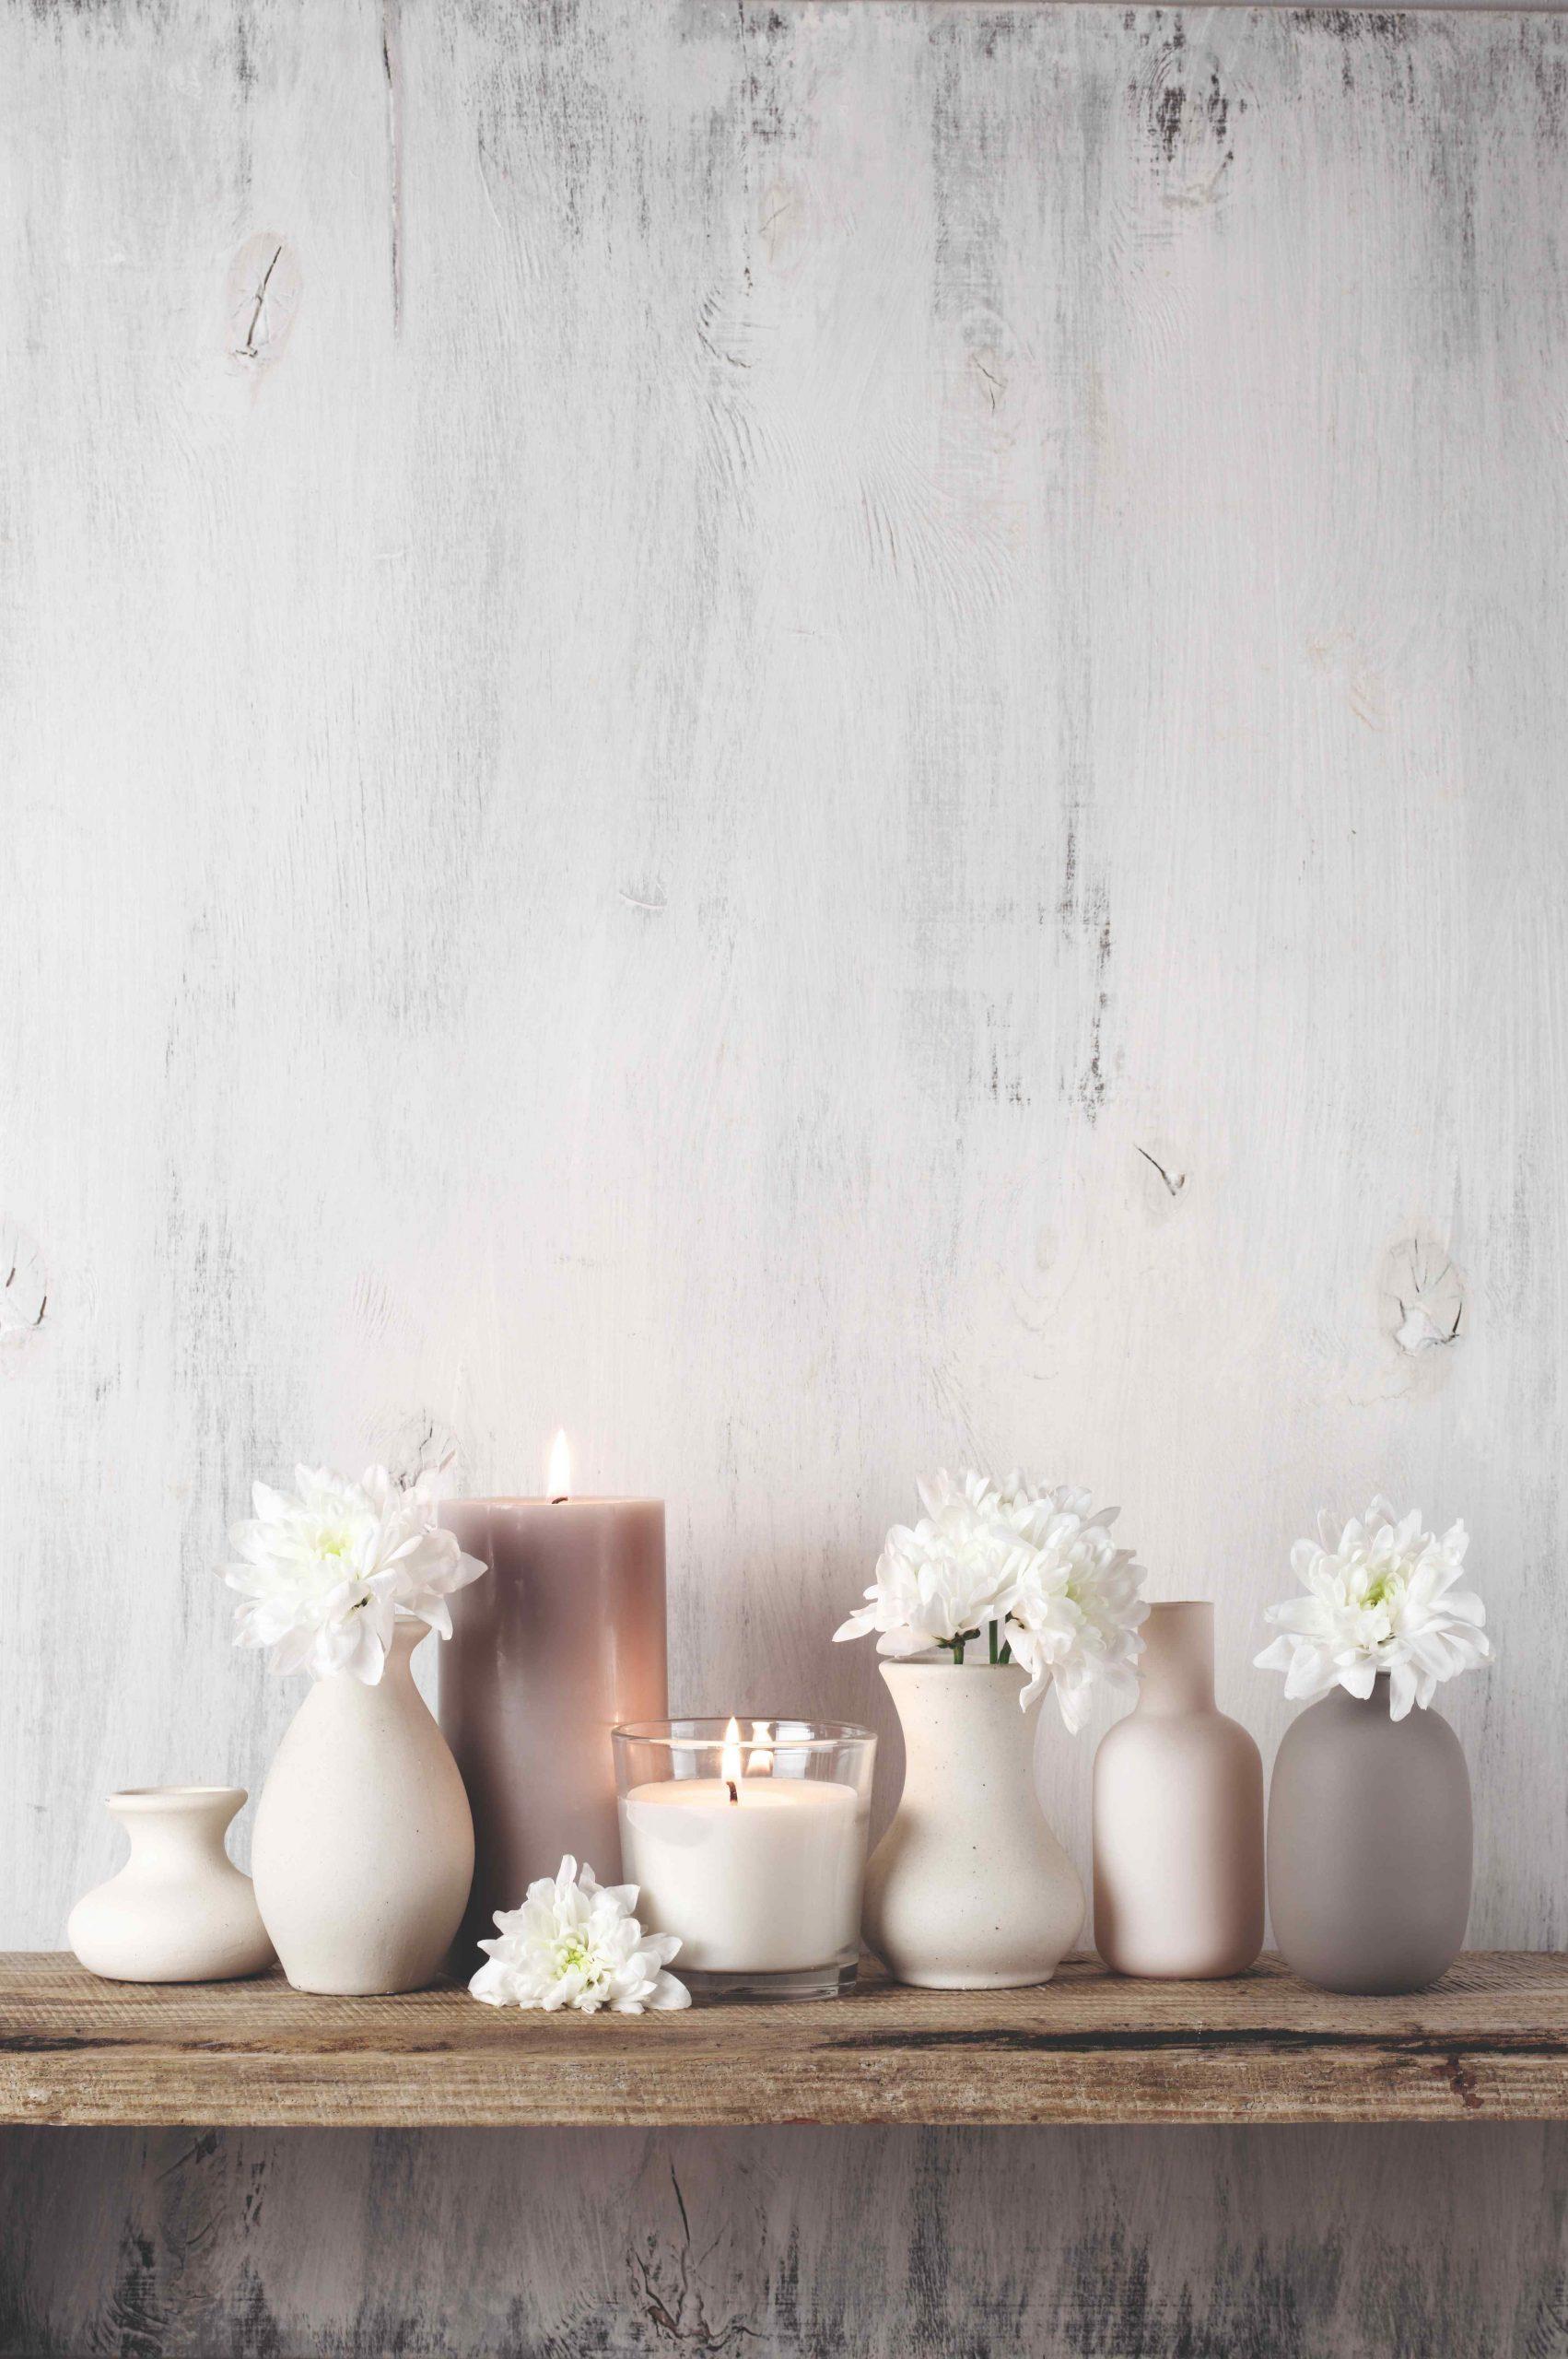 Fľakatá stena a polička so sviečkami